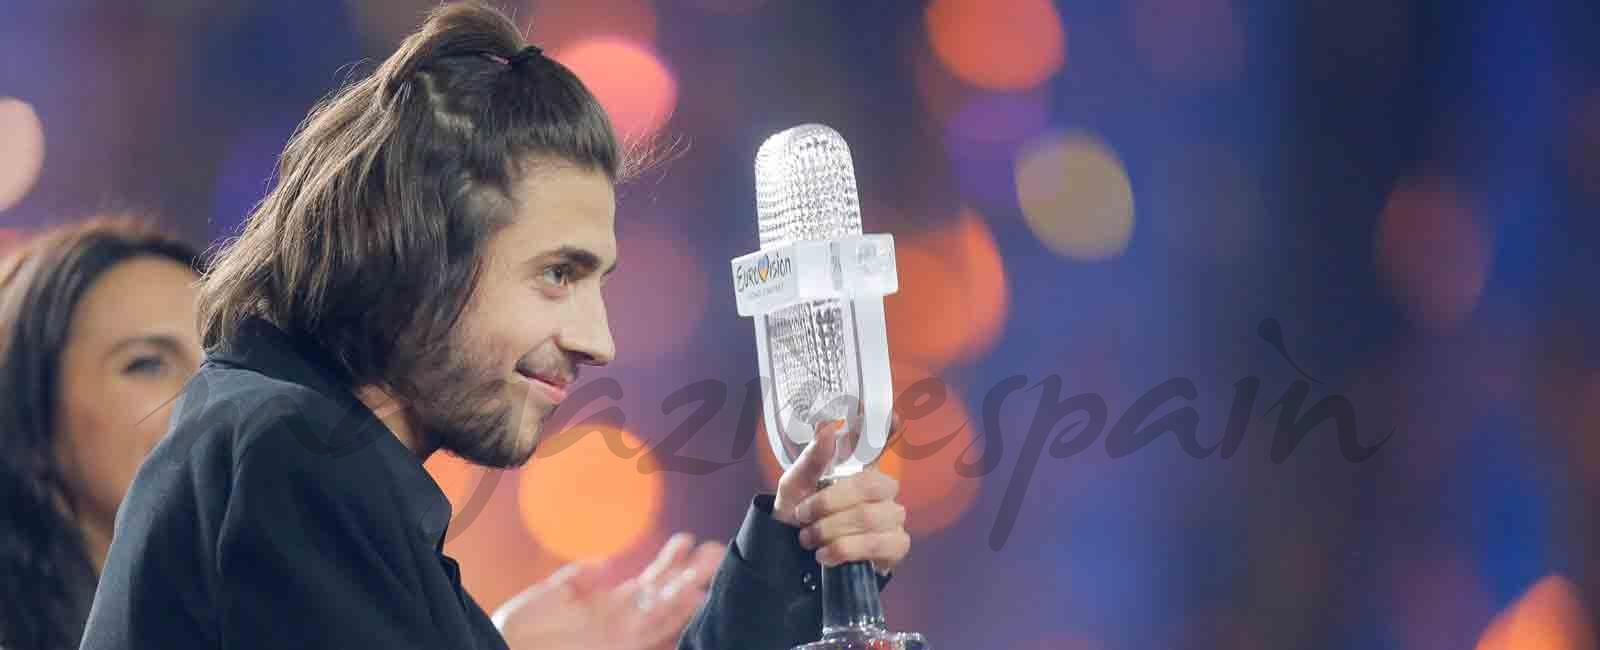 El cantante portugués Salvador Sobral, gana Eurovisión